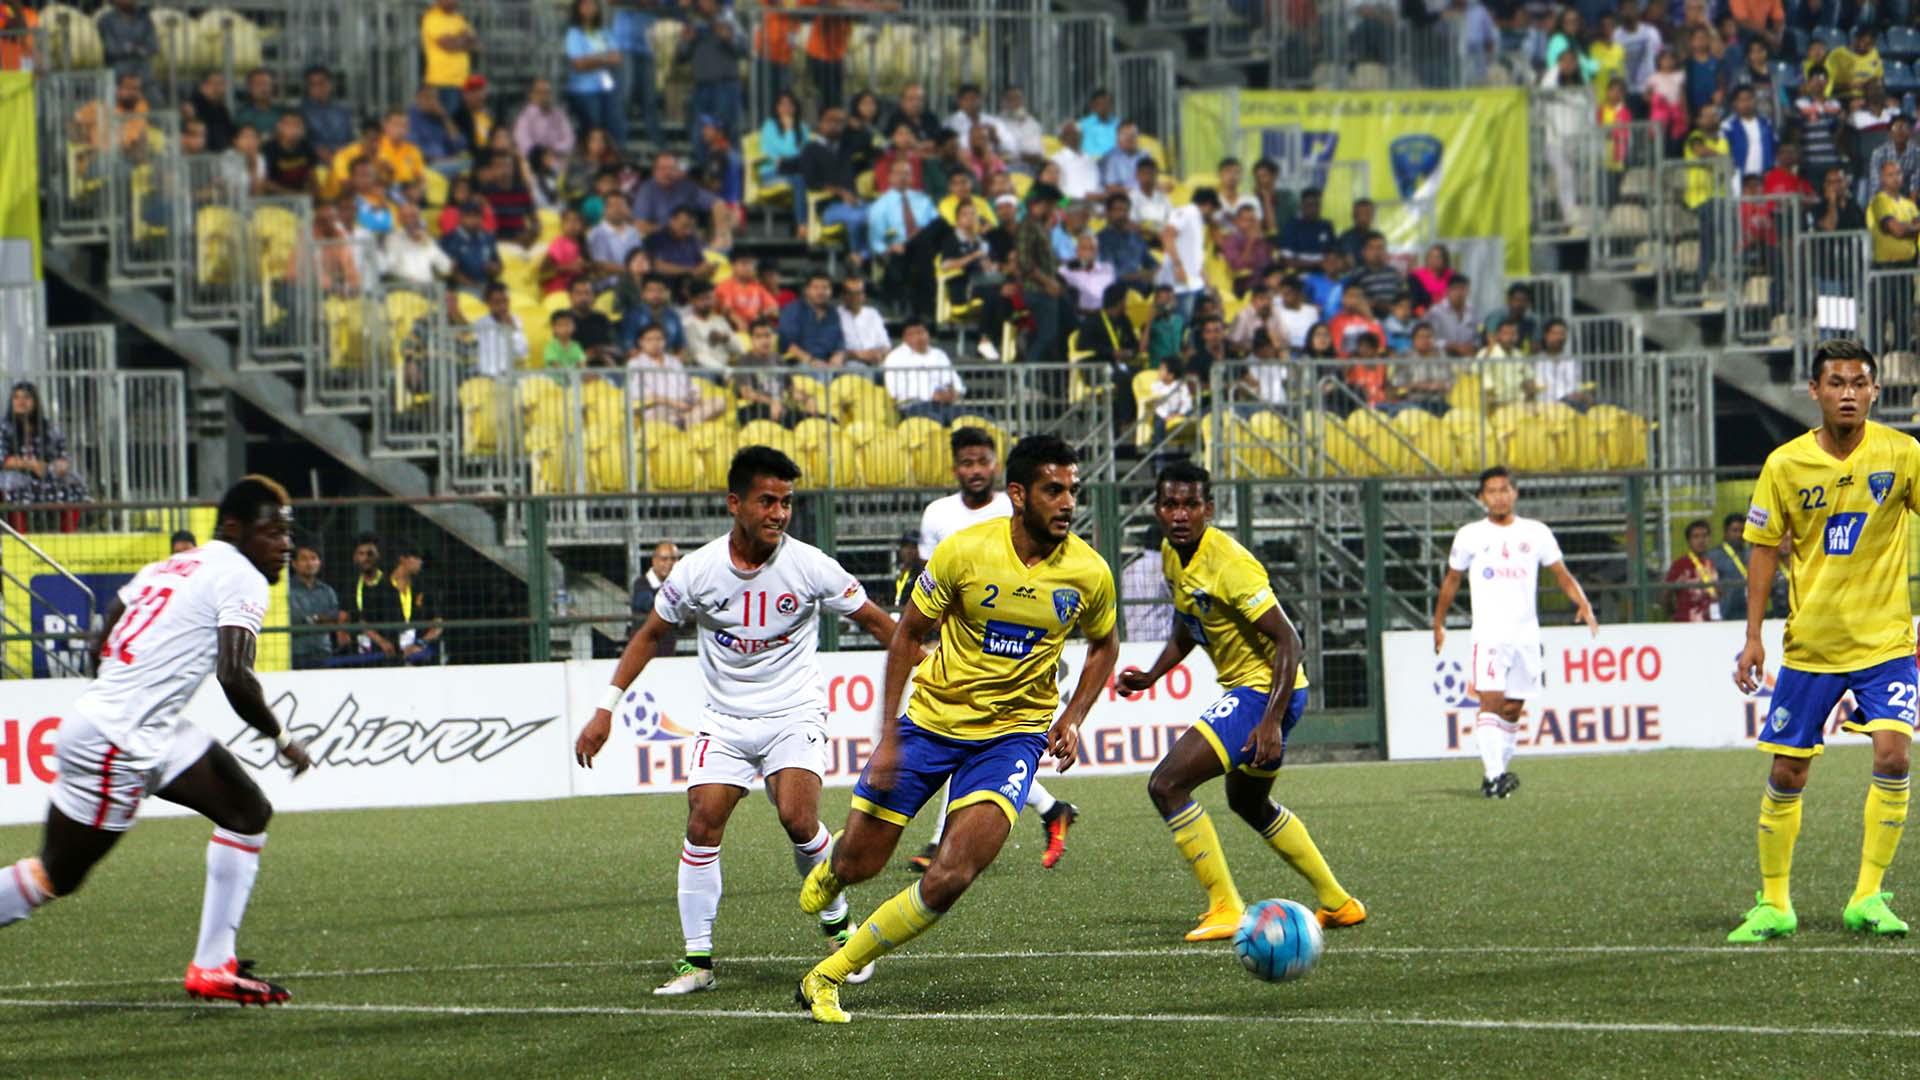 Pratik Chaudhari Mumbai FC Aizawl FC I-League 2017